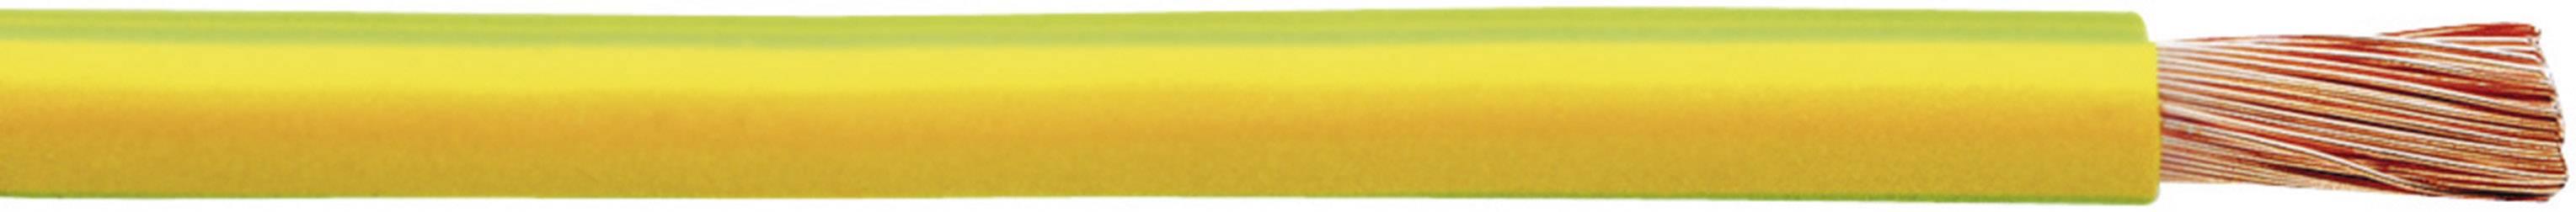 Opletenie / lanko Faber Kabel 040197 H07V-K, 1 x 4 mm², vonkajší Ø 3.90 mm, 100 m, červená